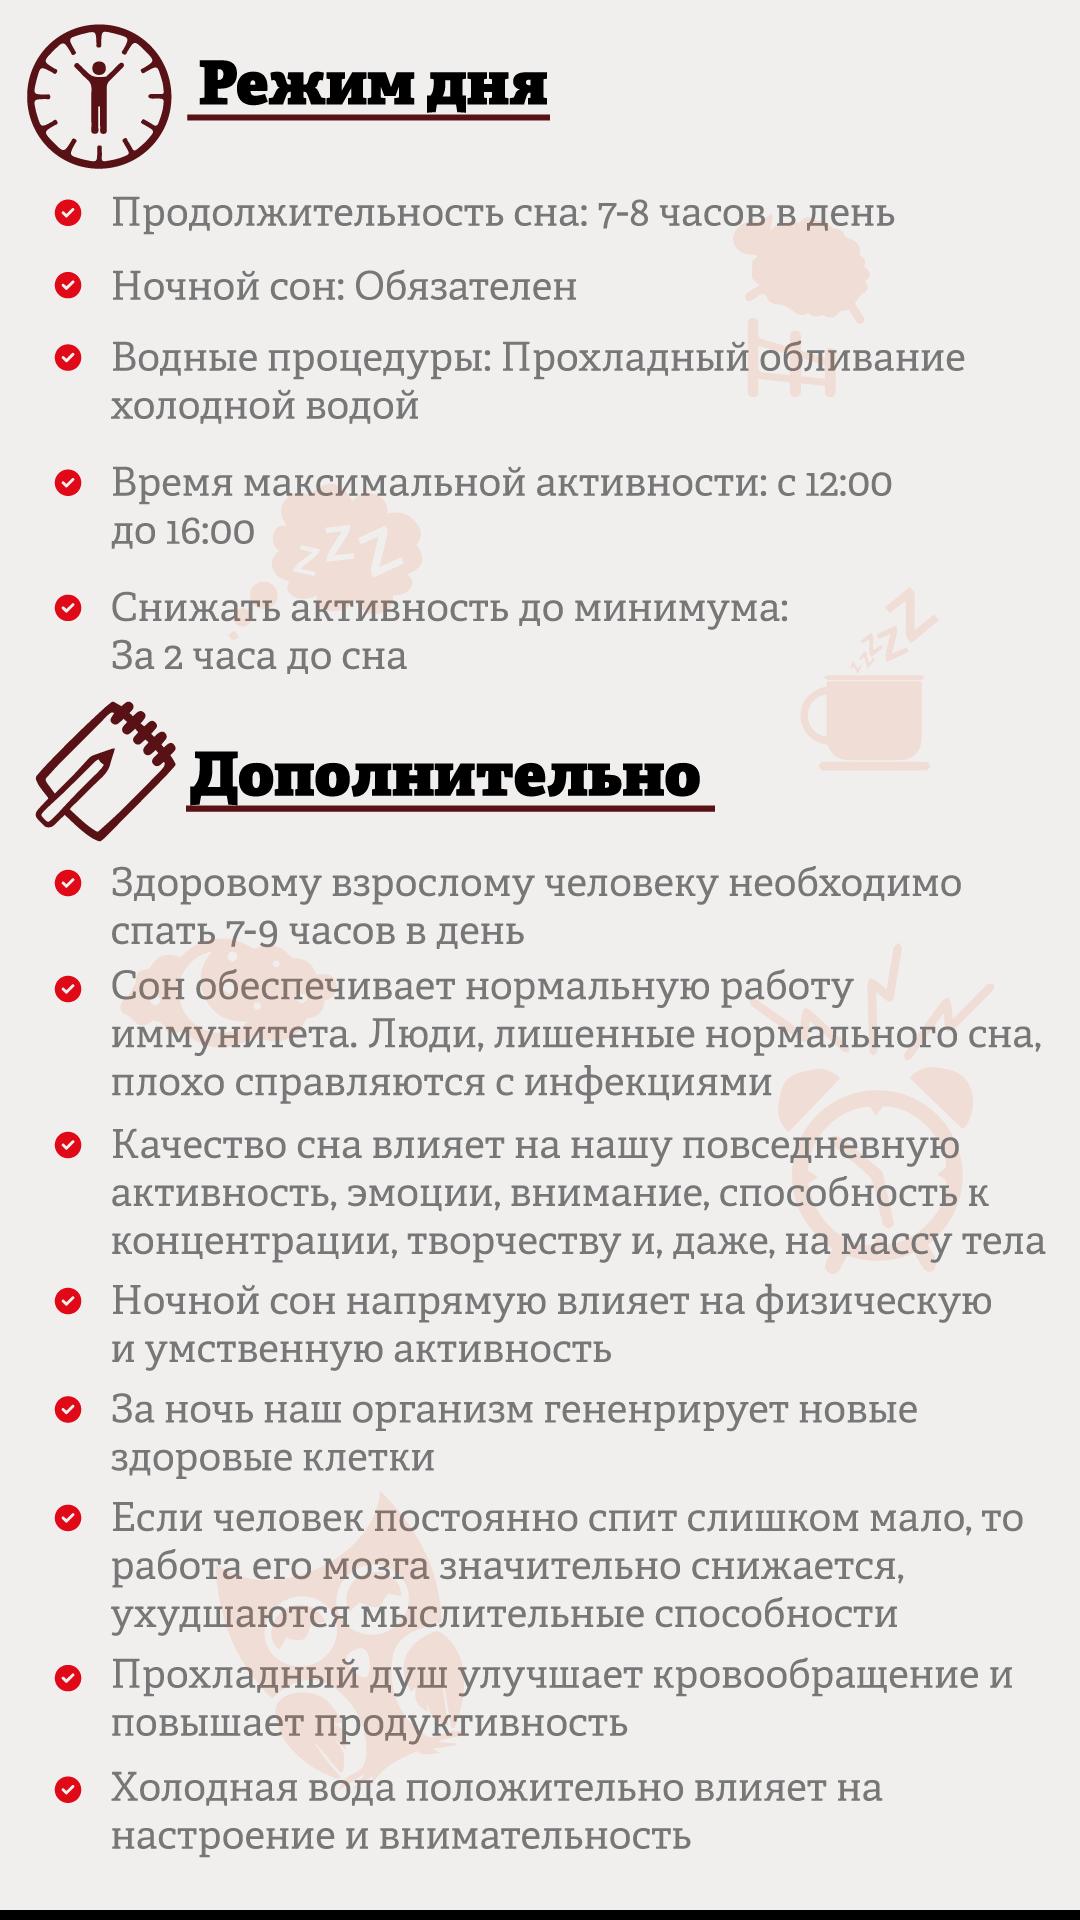 Дизайн рекомендаций по питанию фото f_7345ba1804788d61.png